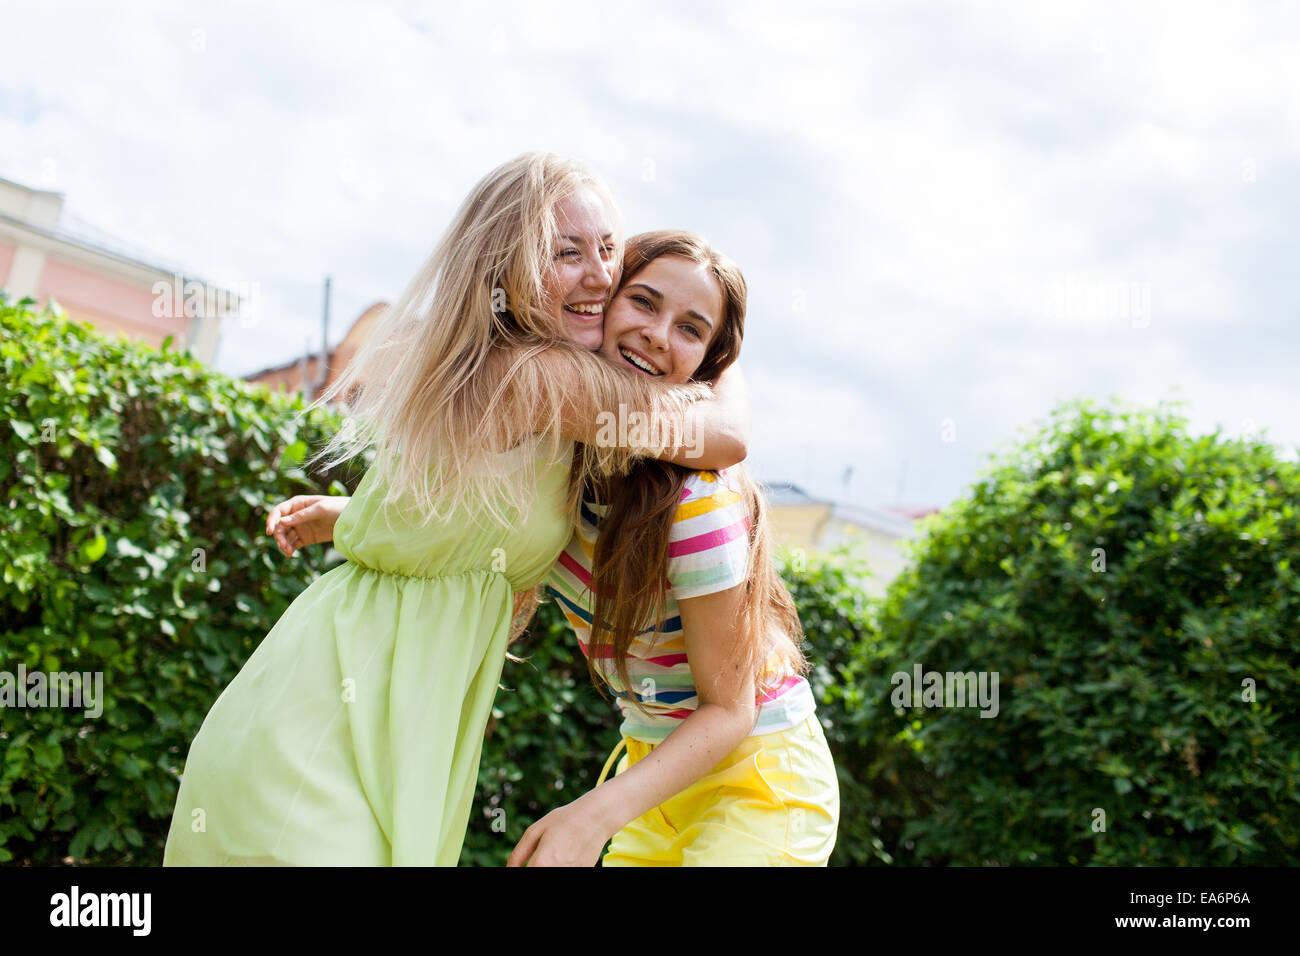 Les filles niaises dans le parc Photo Stock